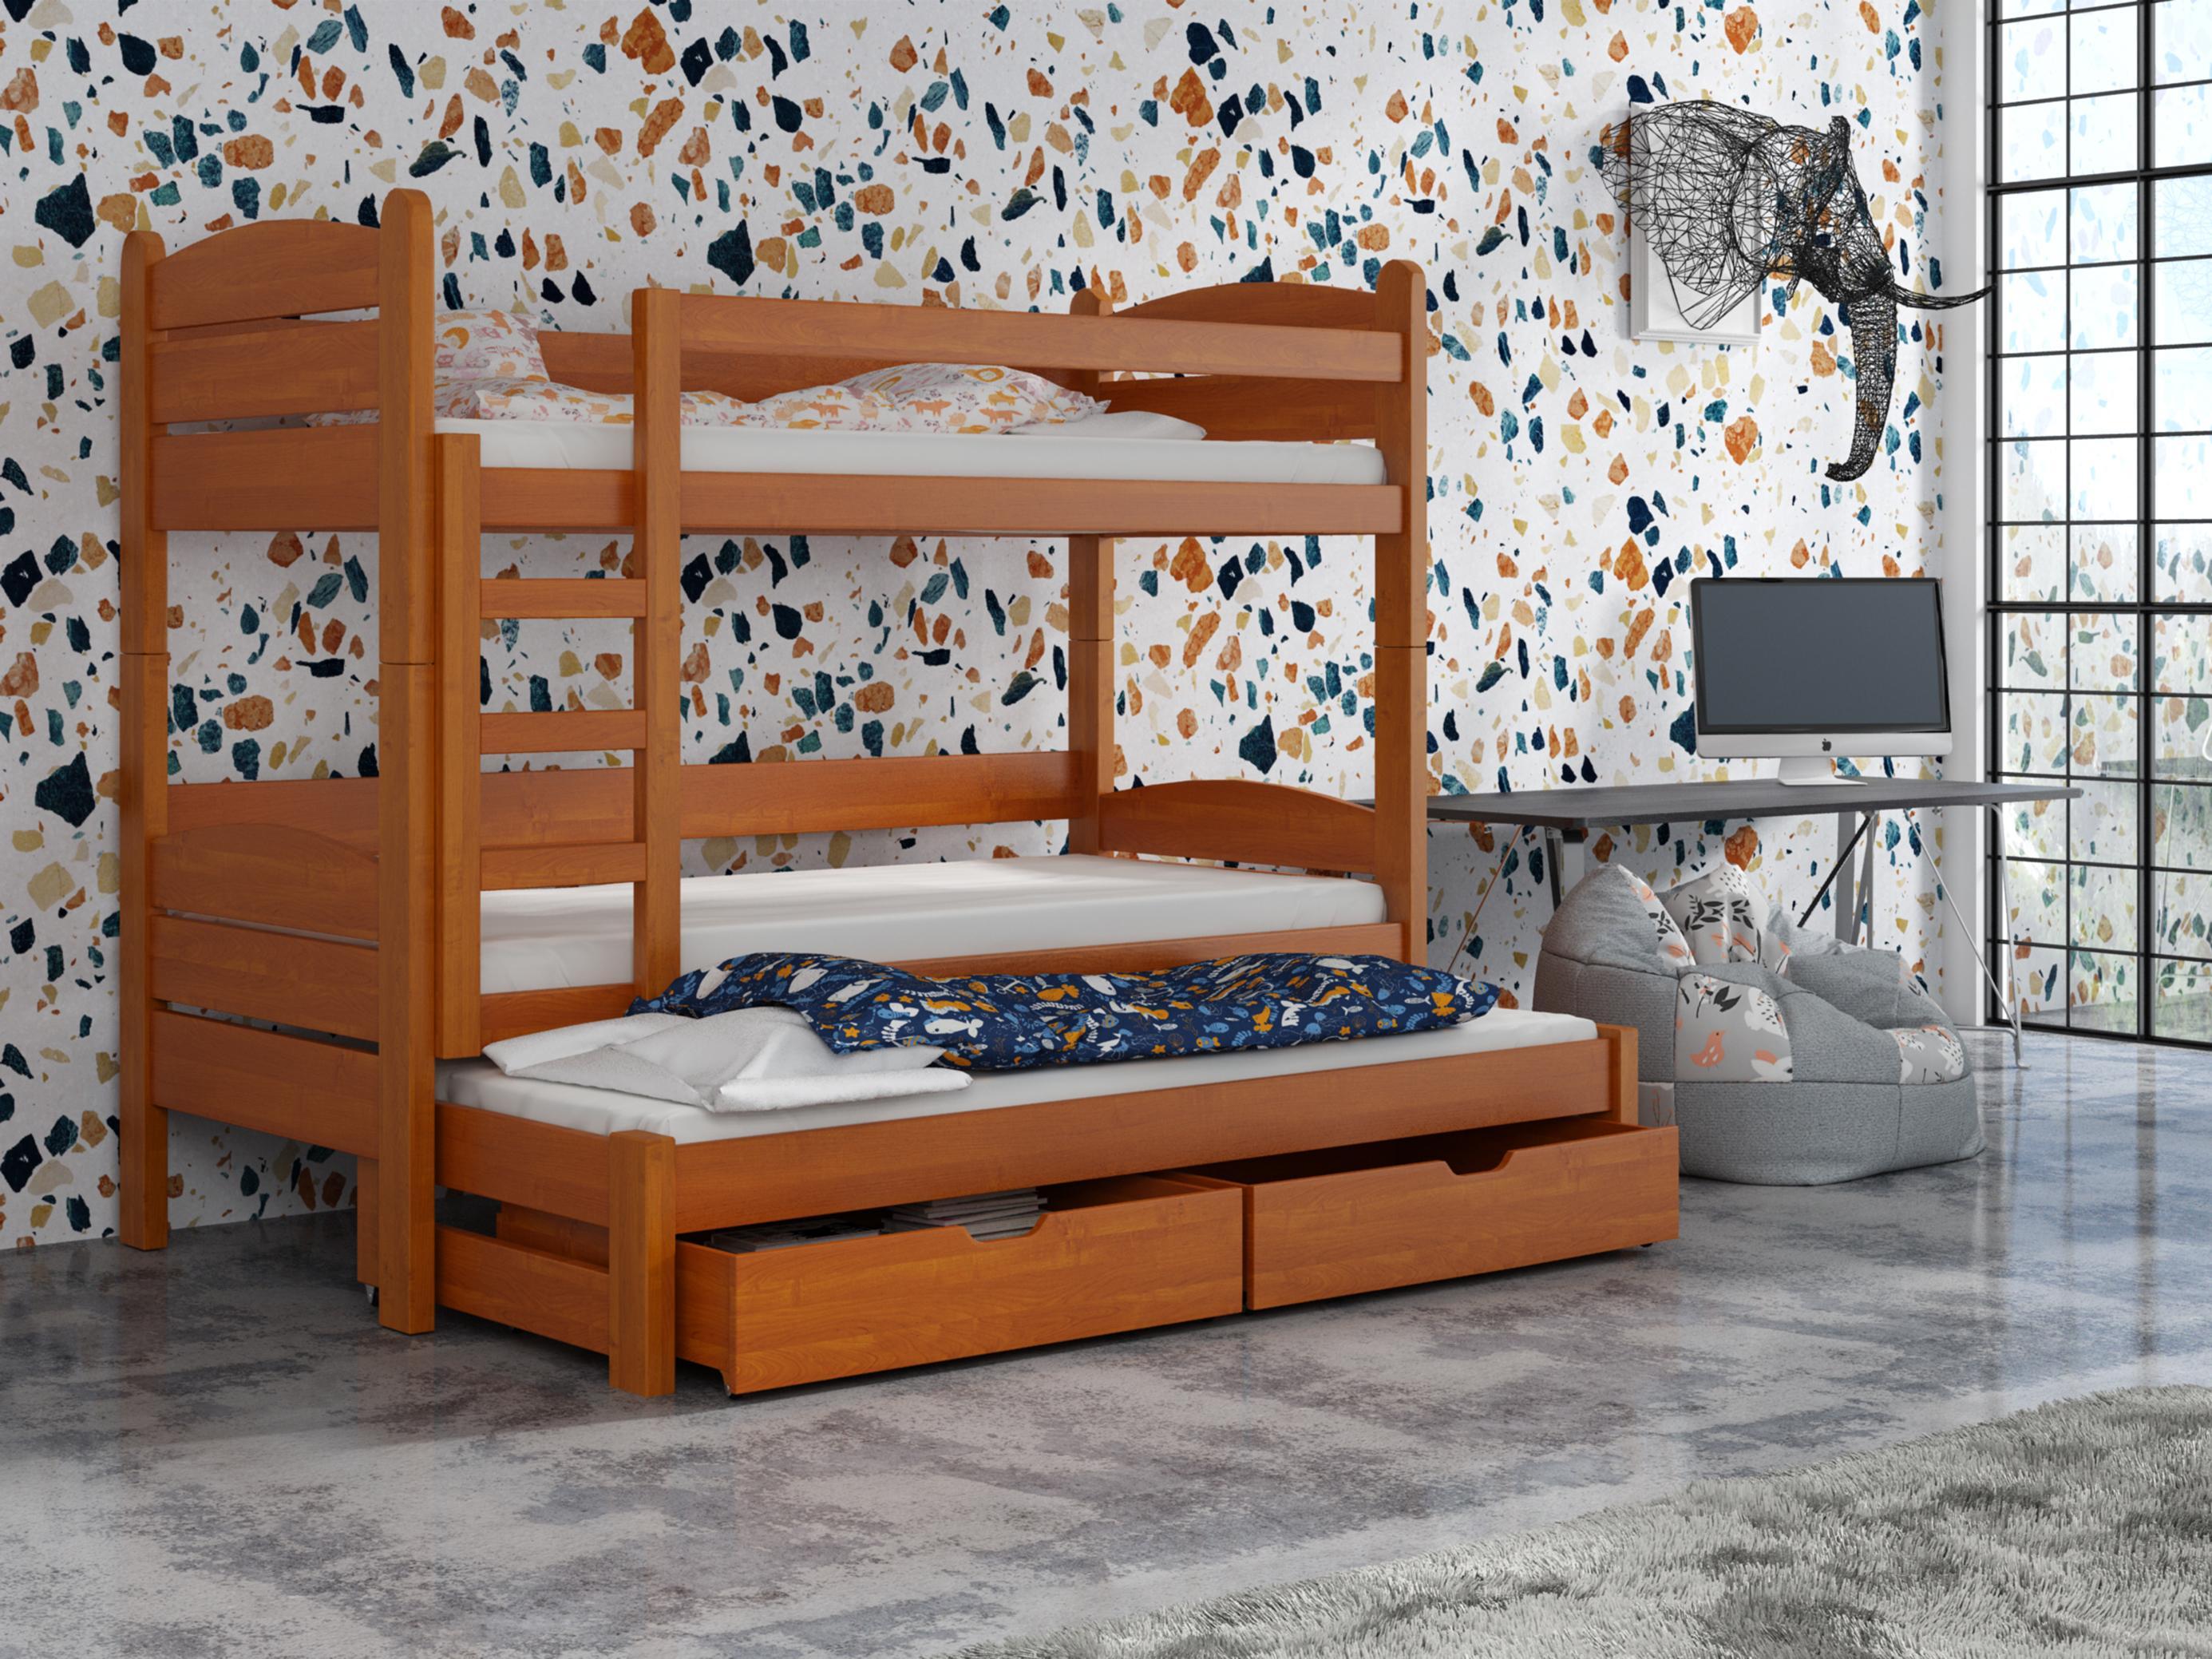 Dětská patrová postel 90 cm - Celsa (olše)